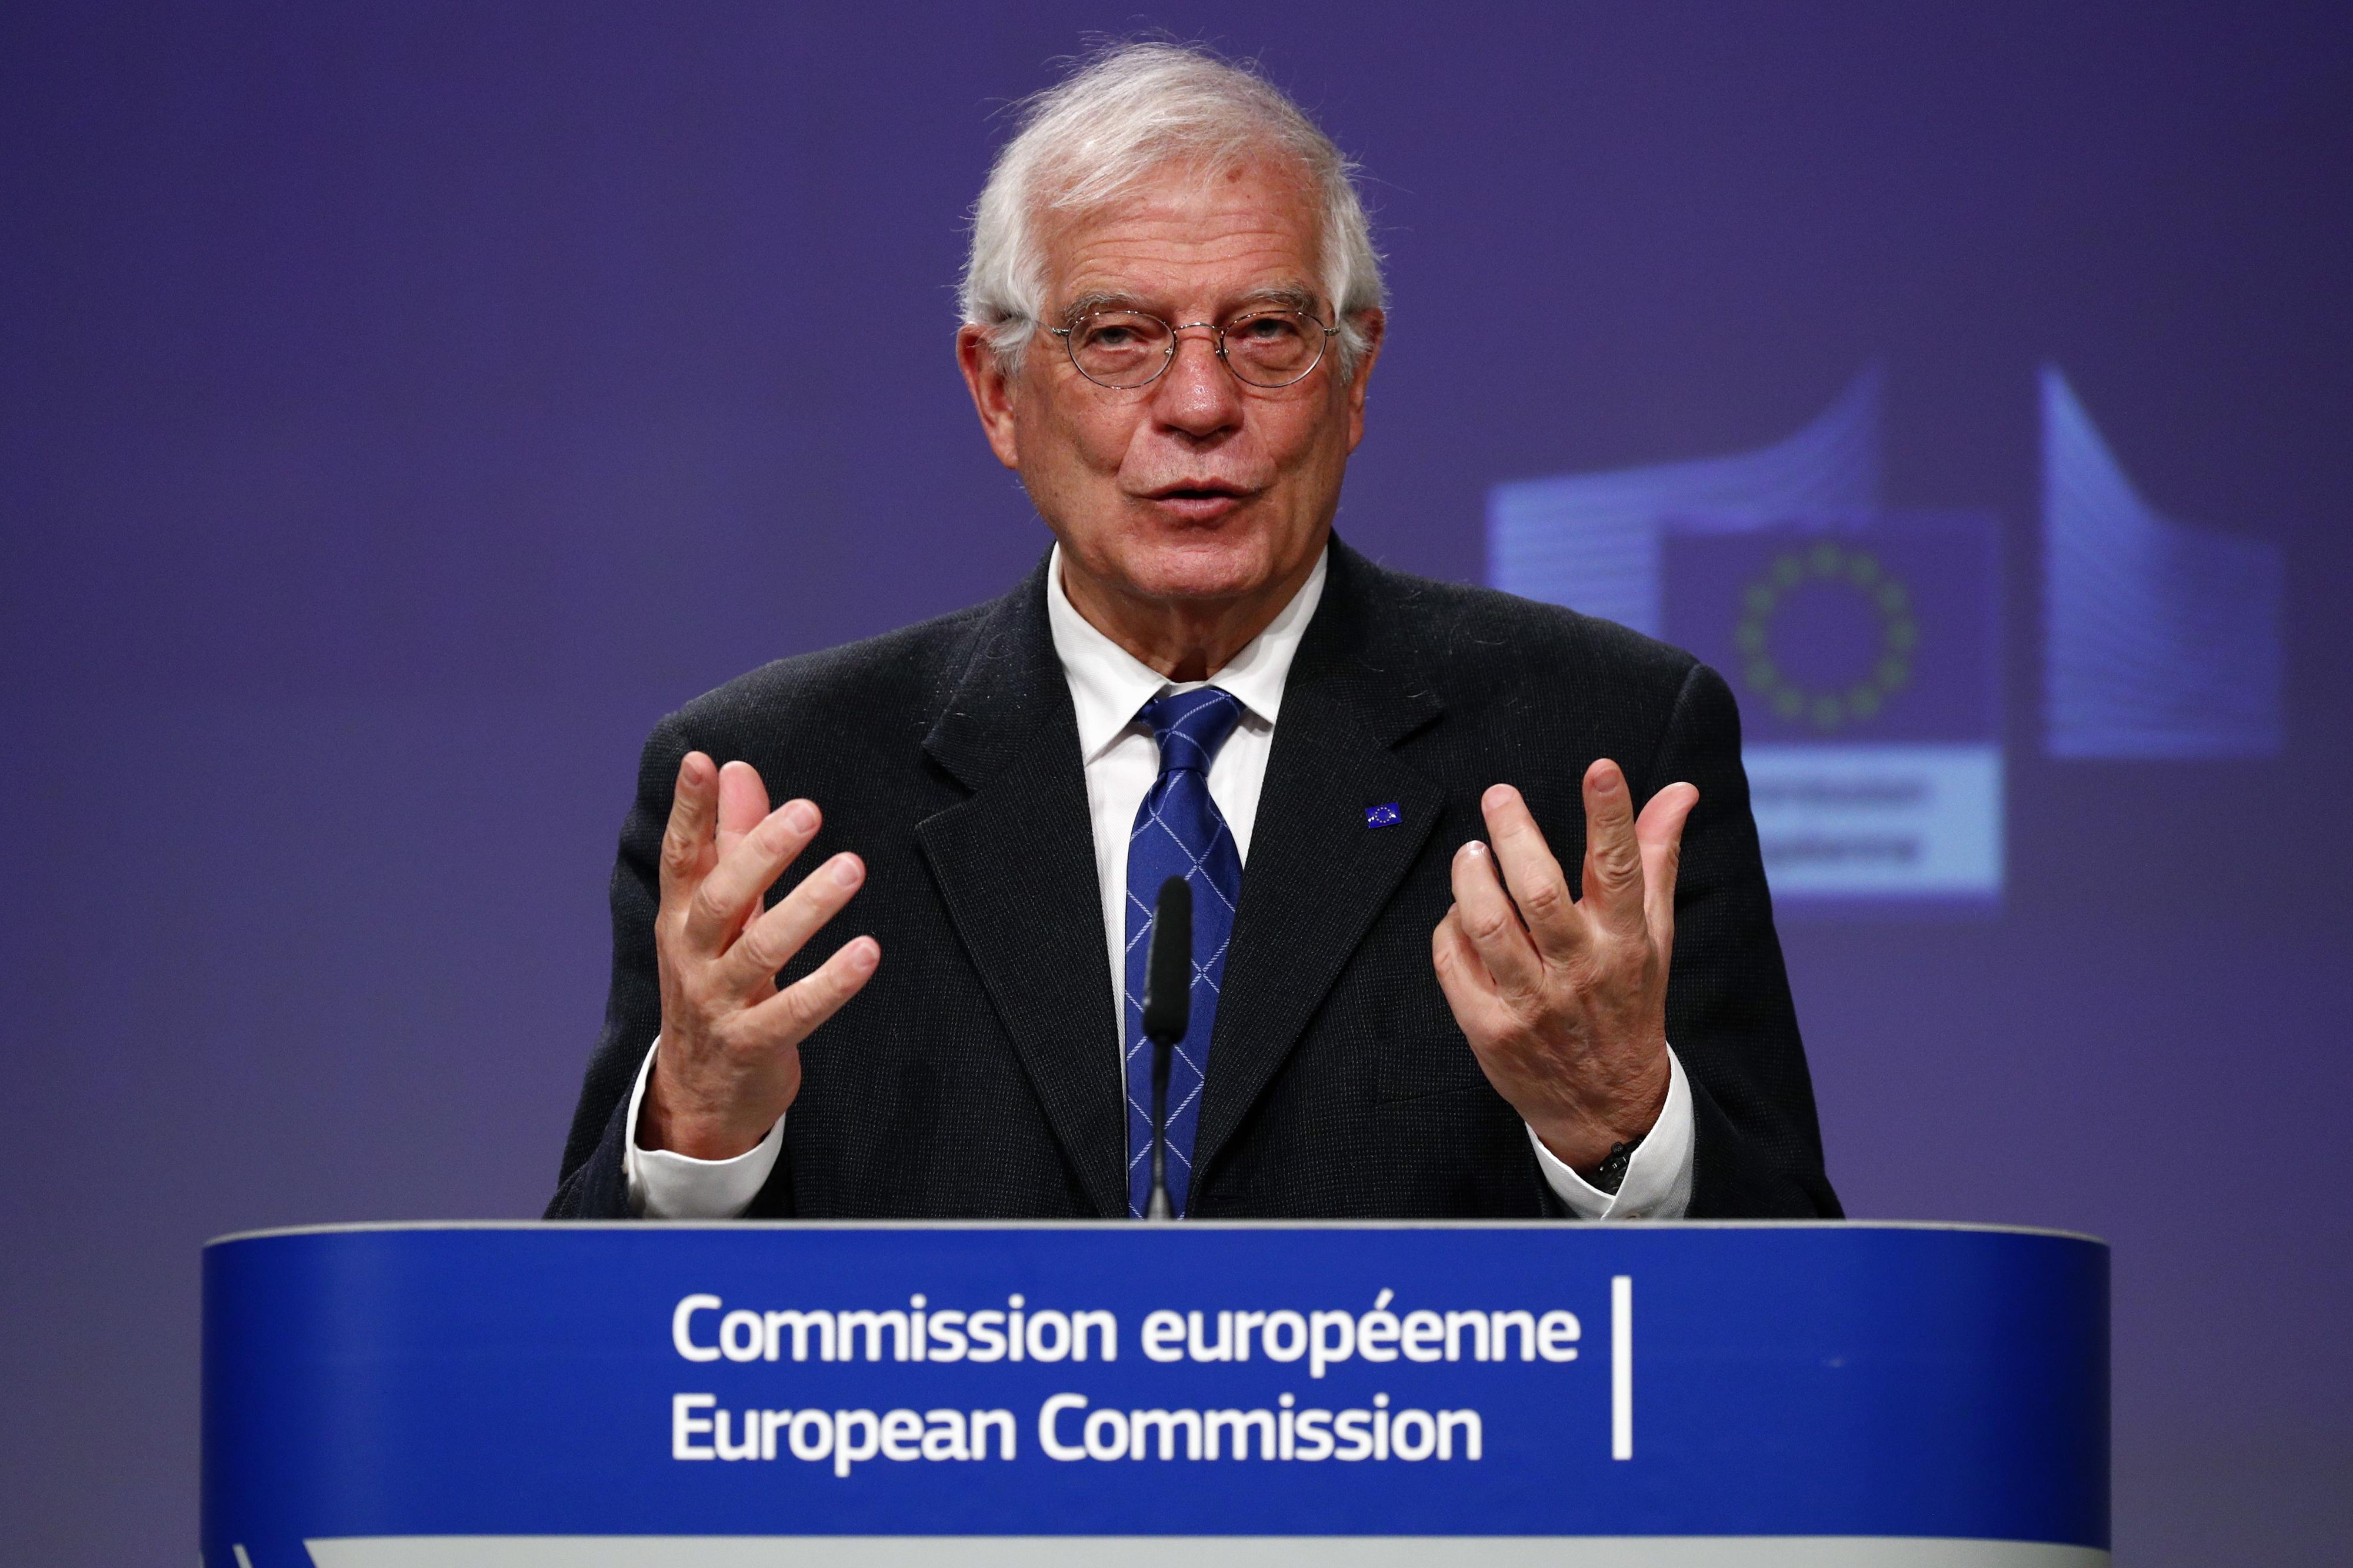 UE tem de ajudar África, até no seu próprio interesse, defende diplomacia europeia